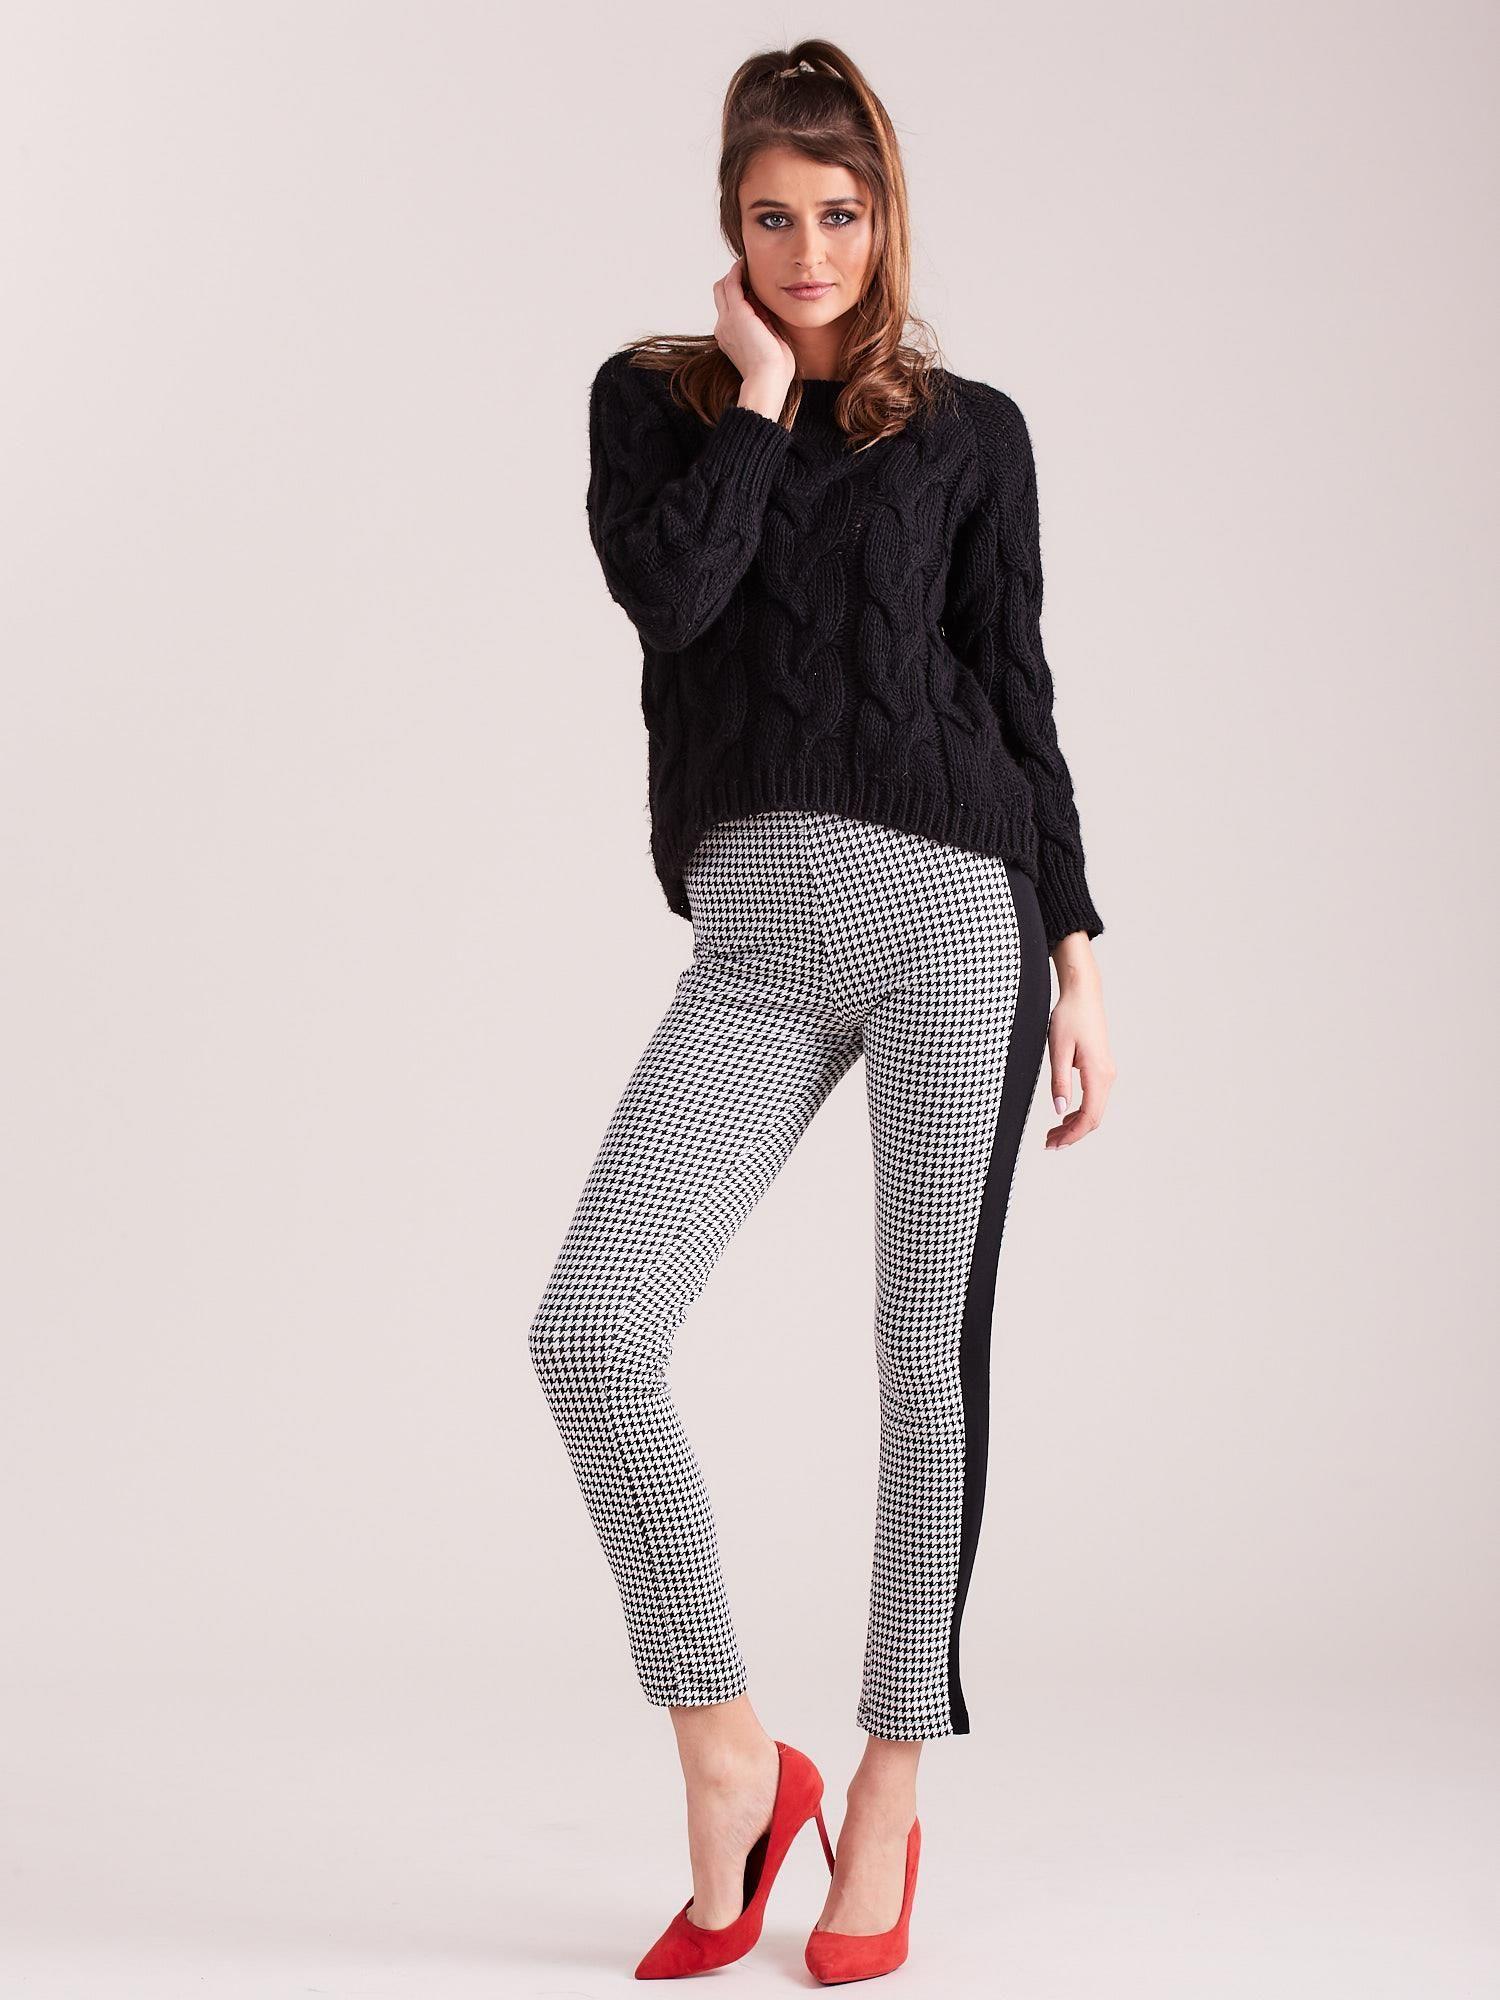 dfea742fe62e82 Biało-czarne legginsy w pepitkę z lampasem - Spodnie legginsy ...